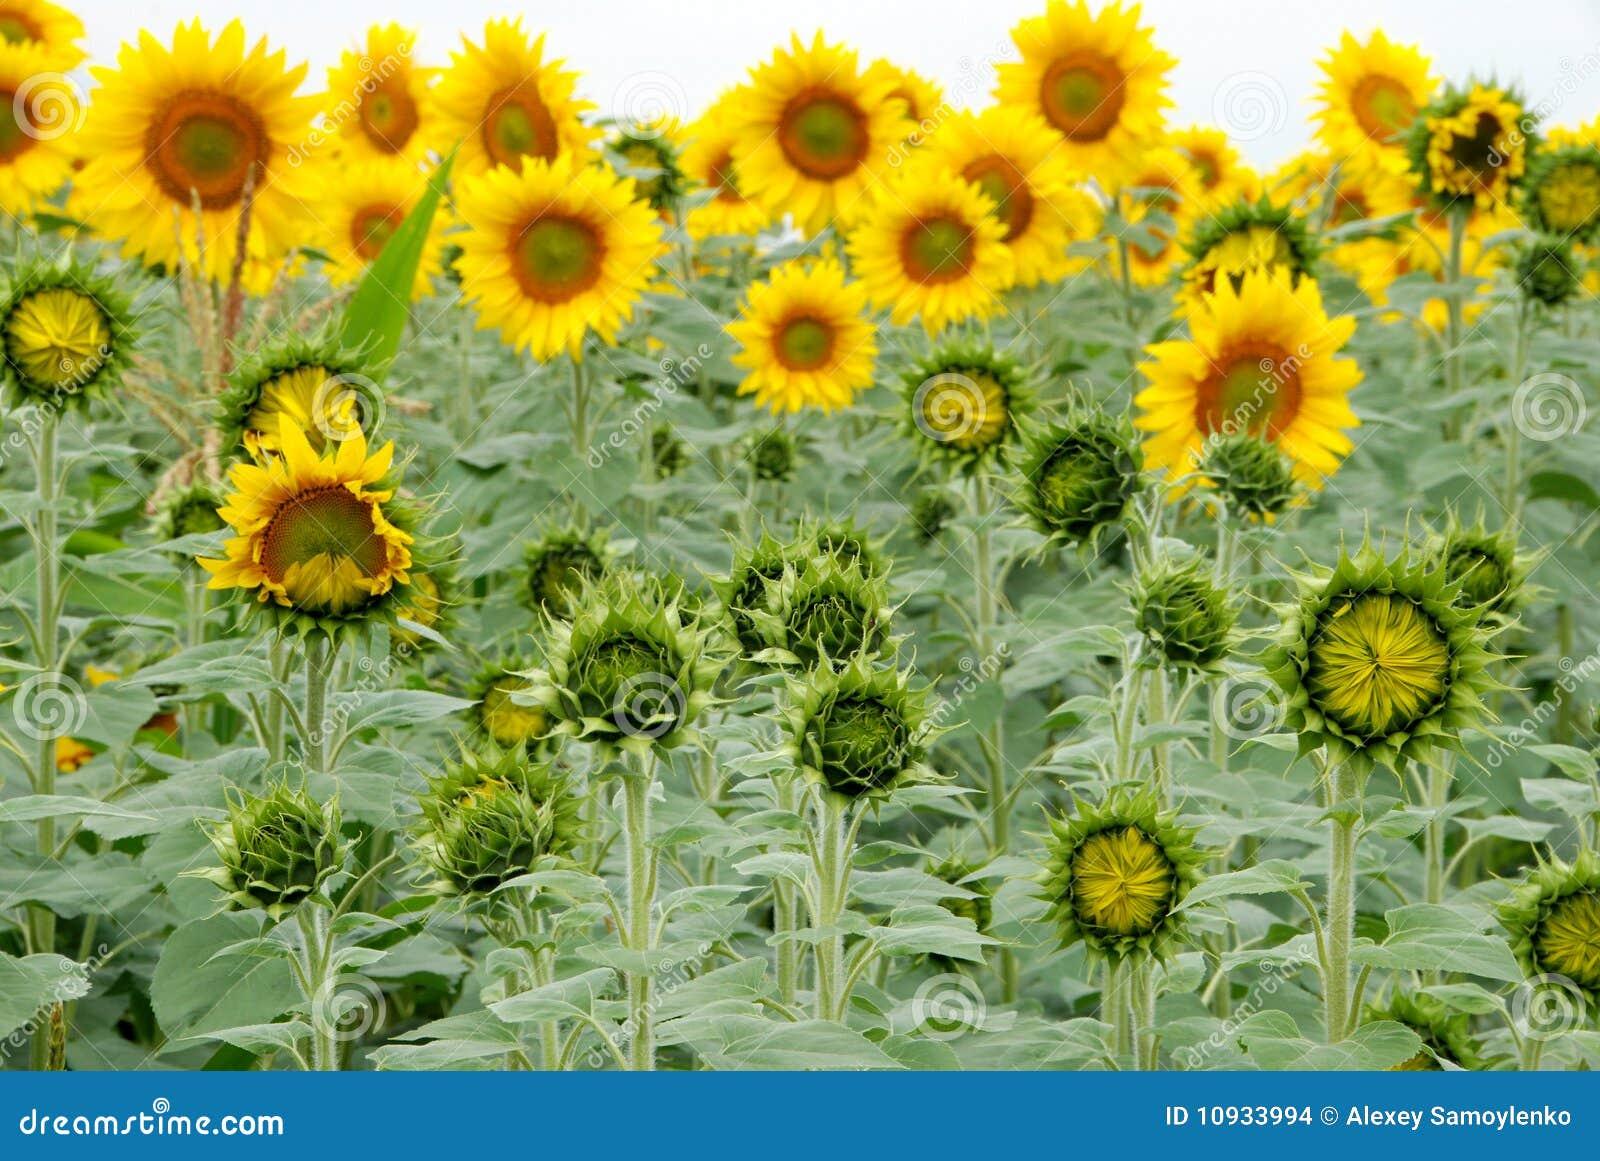 красивейшие солнцецветы поля сельскохозяйствення угодье